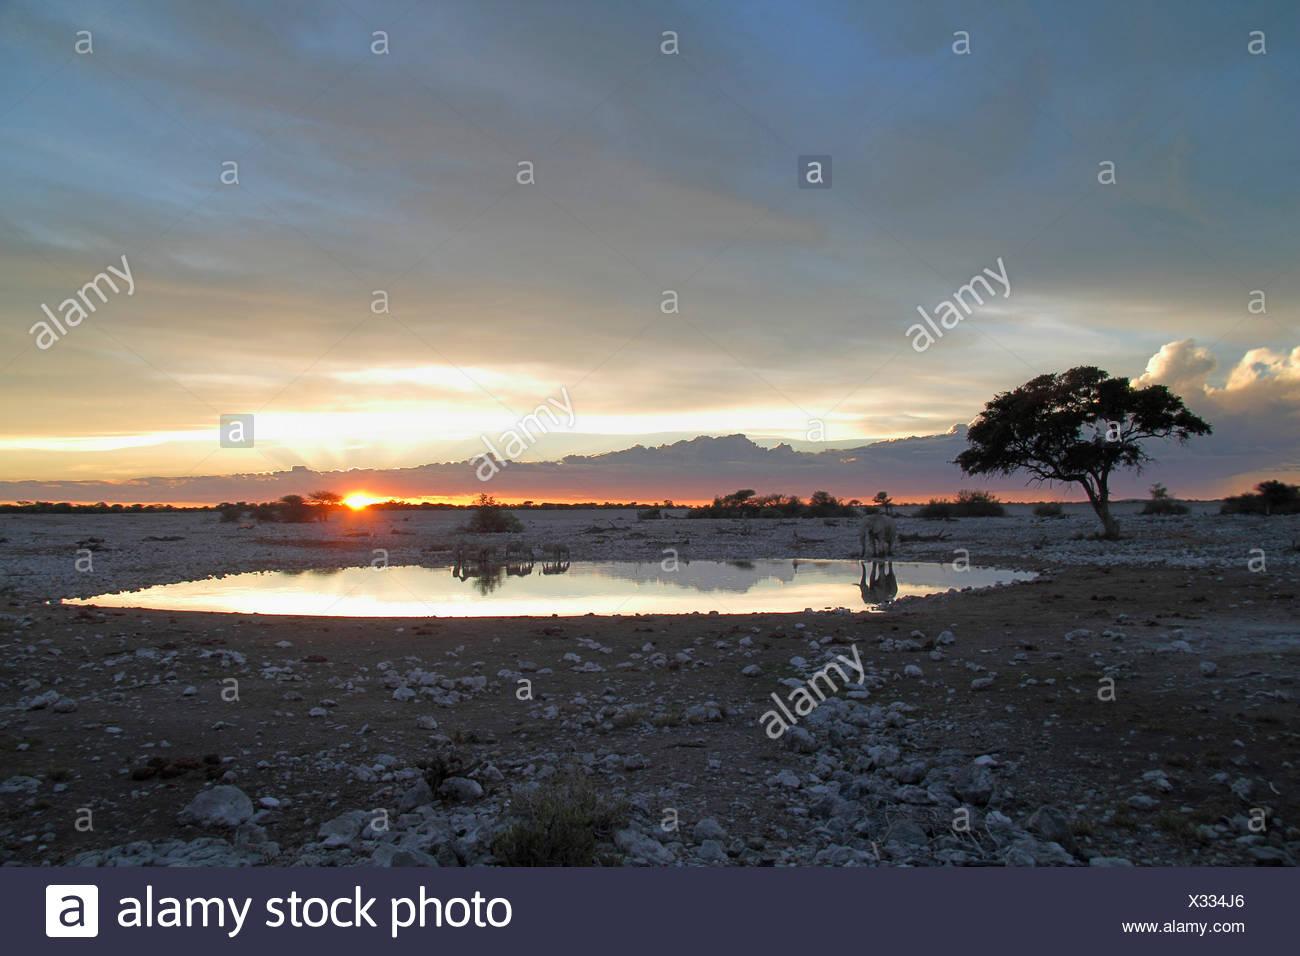 evening light at a waterhole, Namibia, Etosha National Park, Okaukejo Lodge - Stock Image